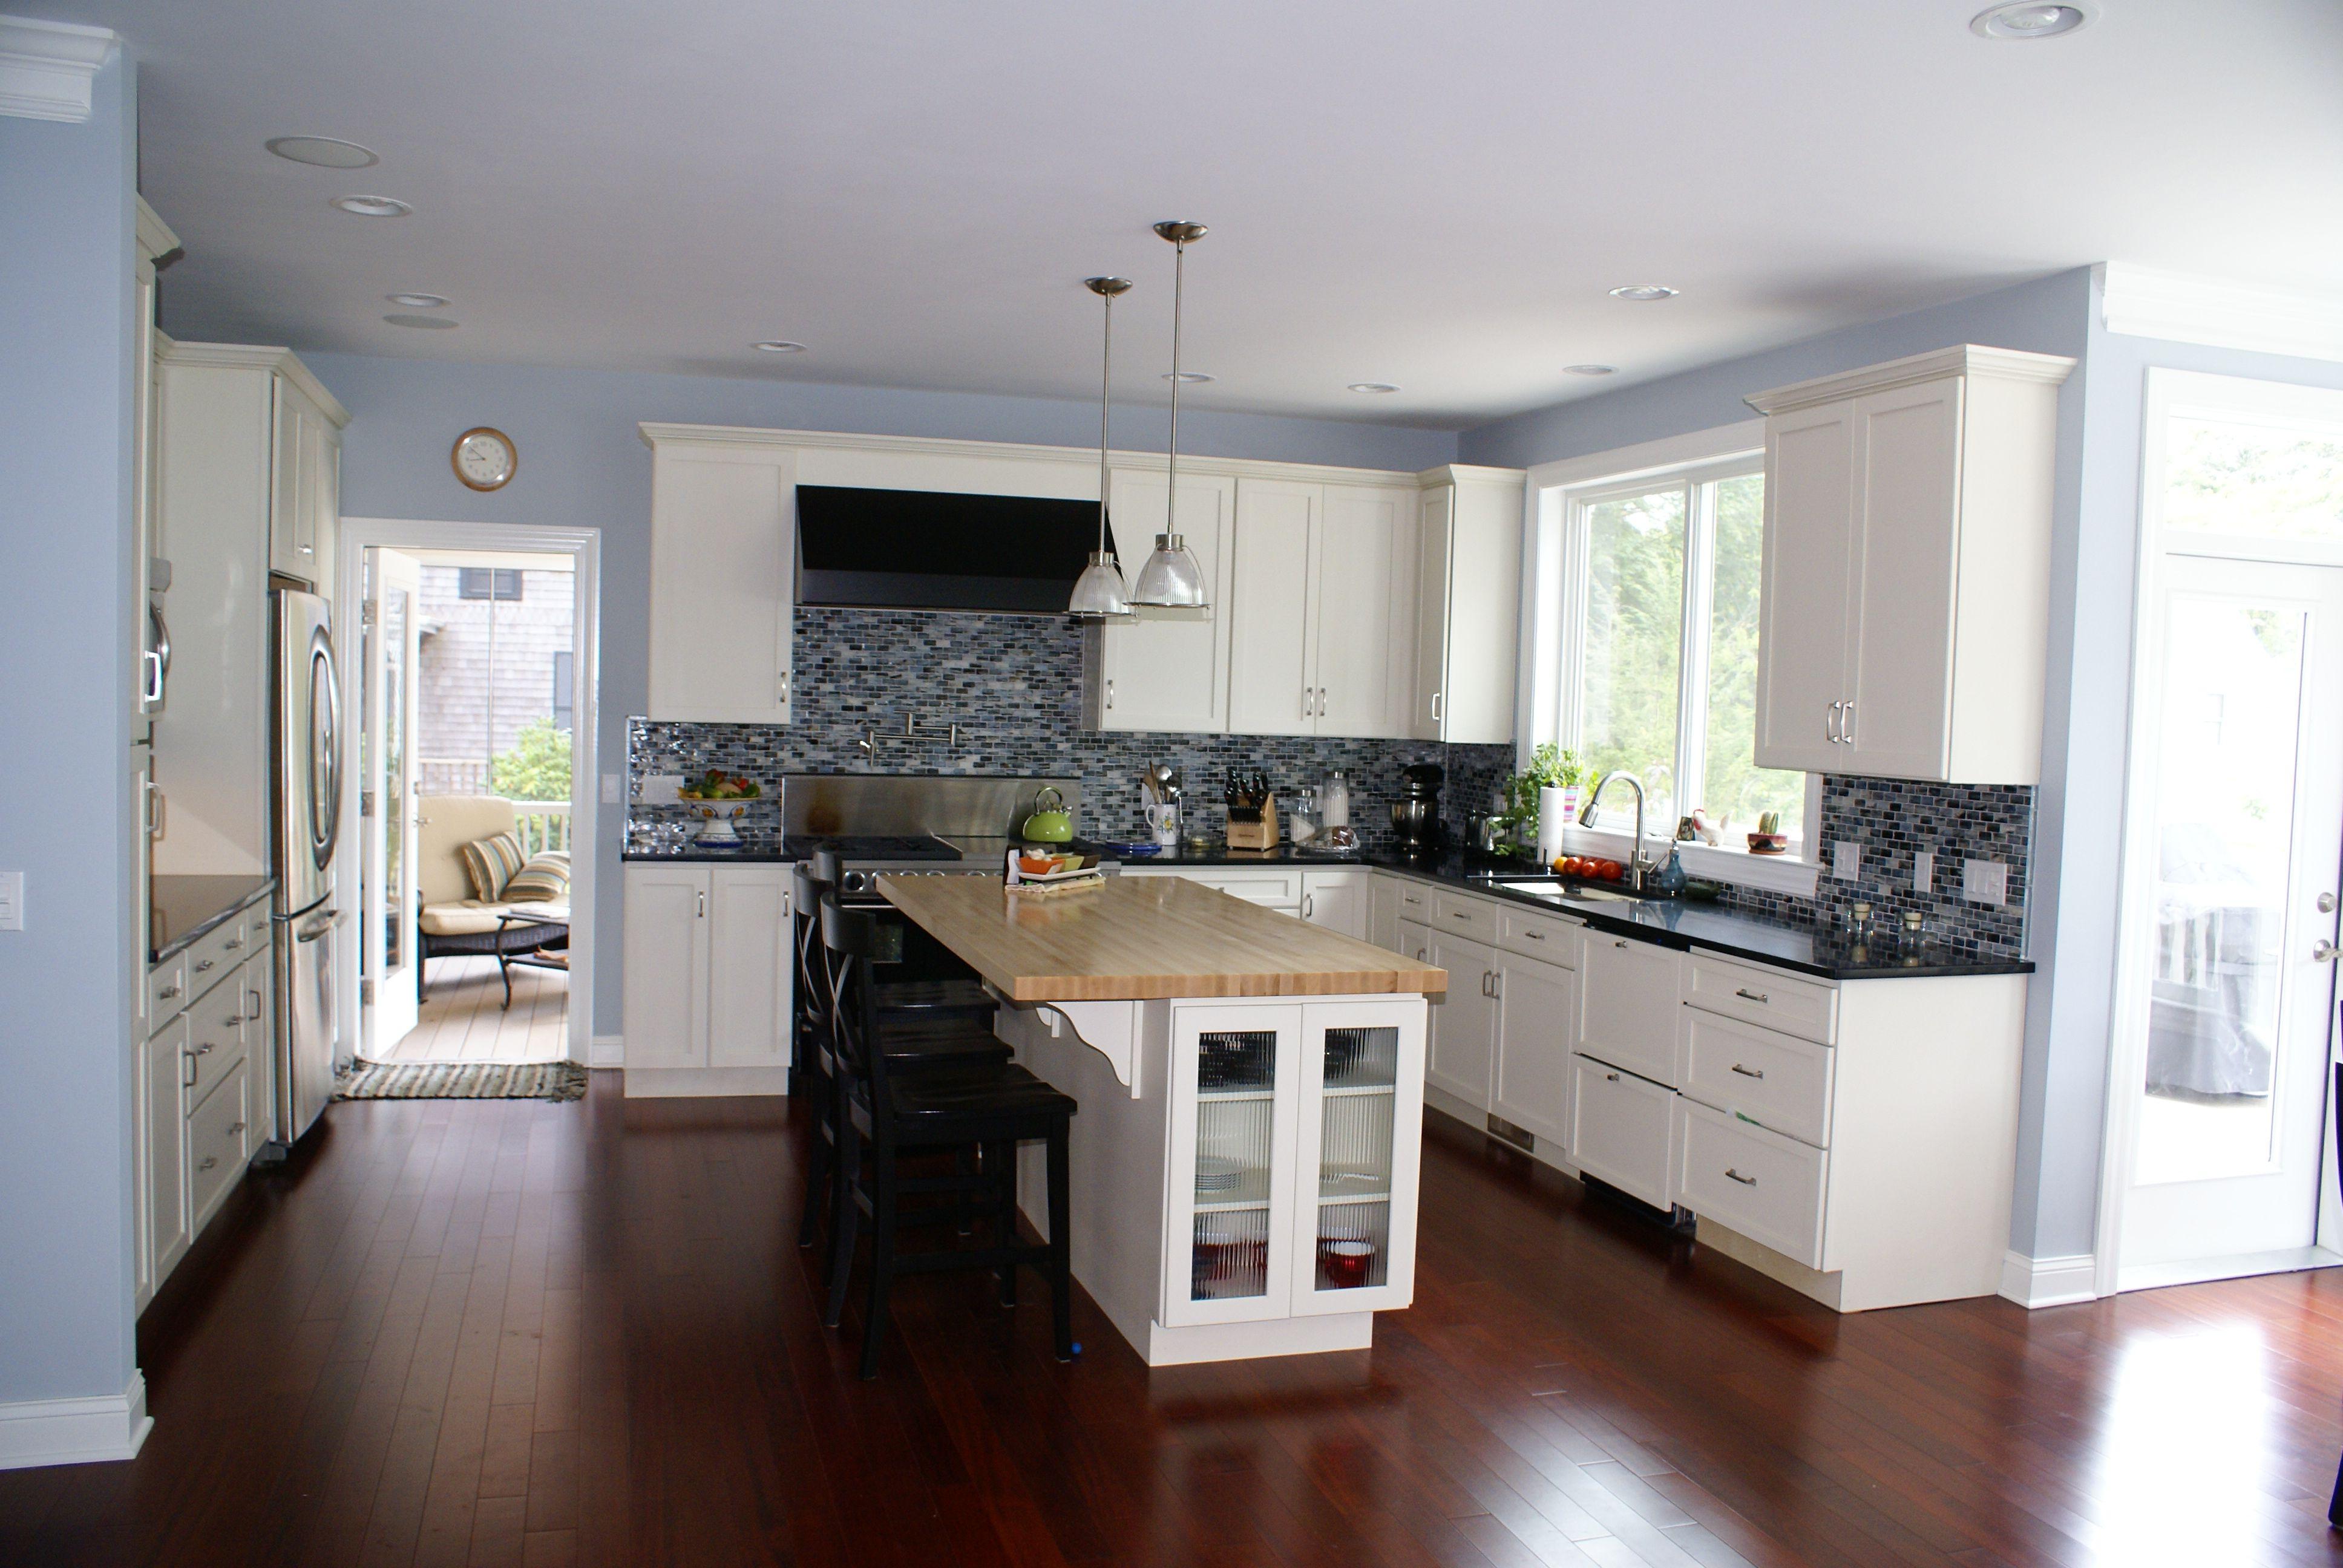 A kitchen in Jamestown Rhode Island   Kitchen